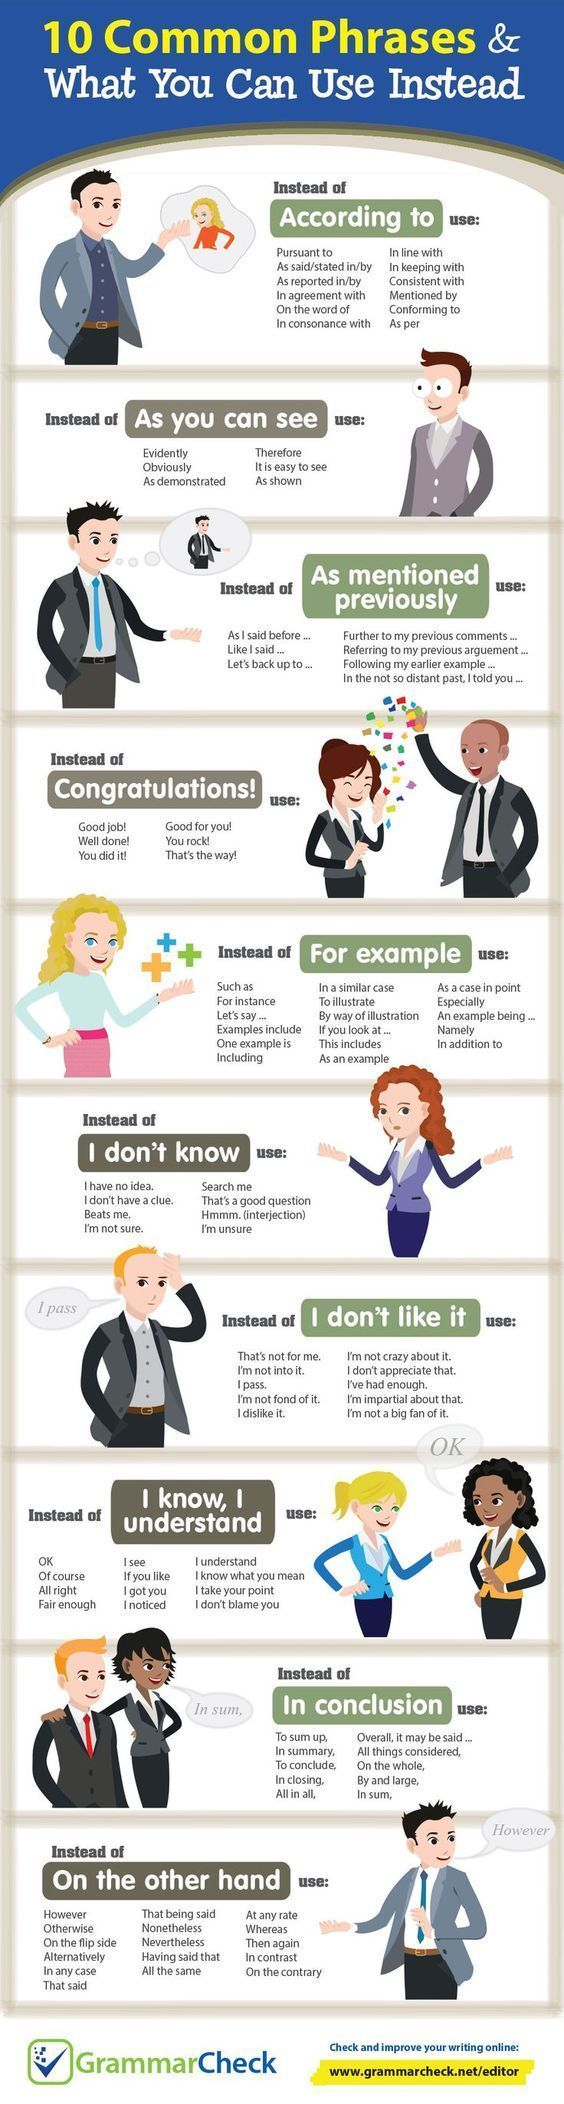 10 häufig verwendete Phrasen und andere Verwendungen (Infografik